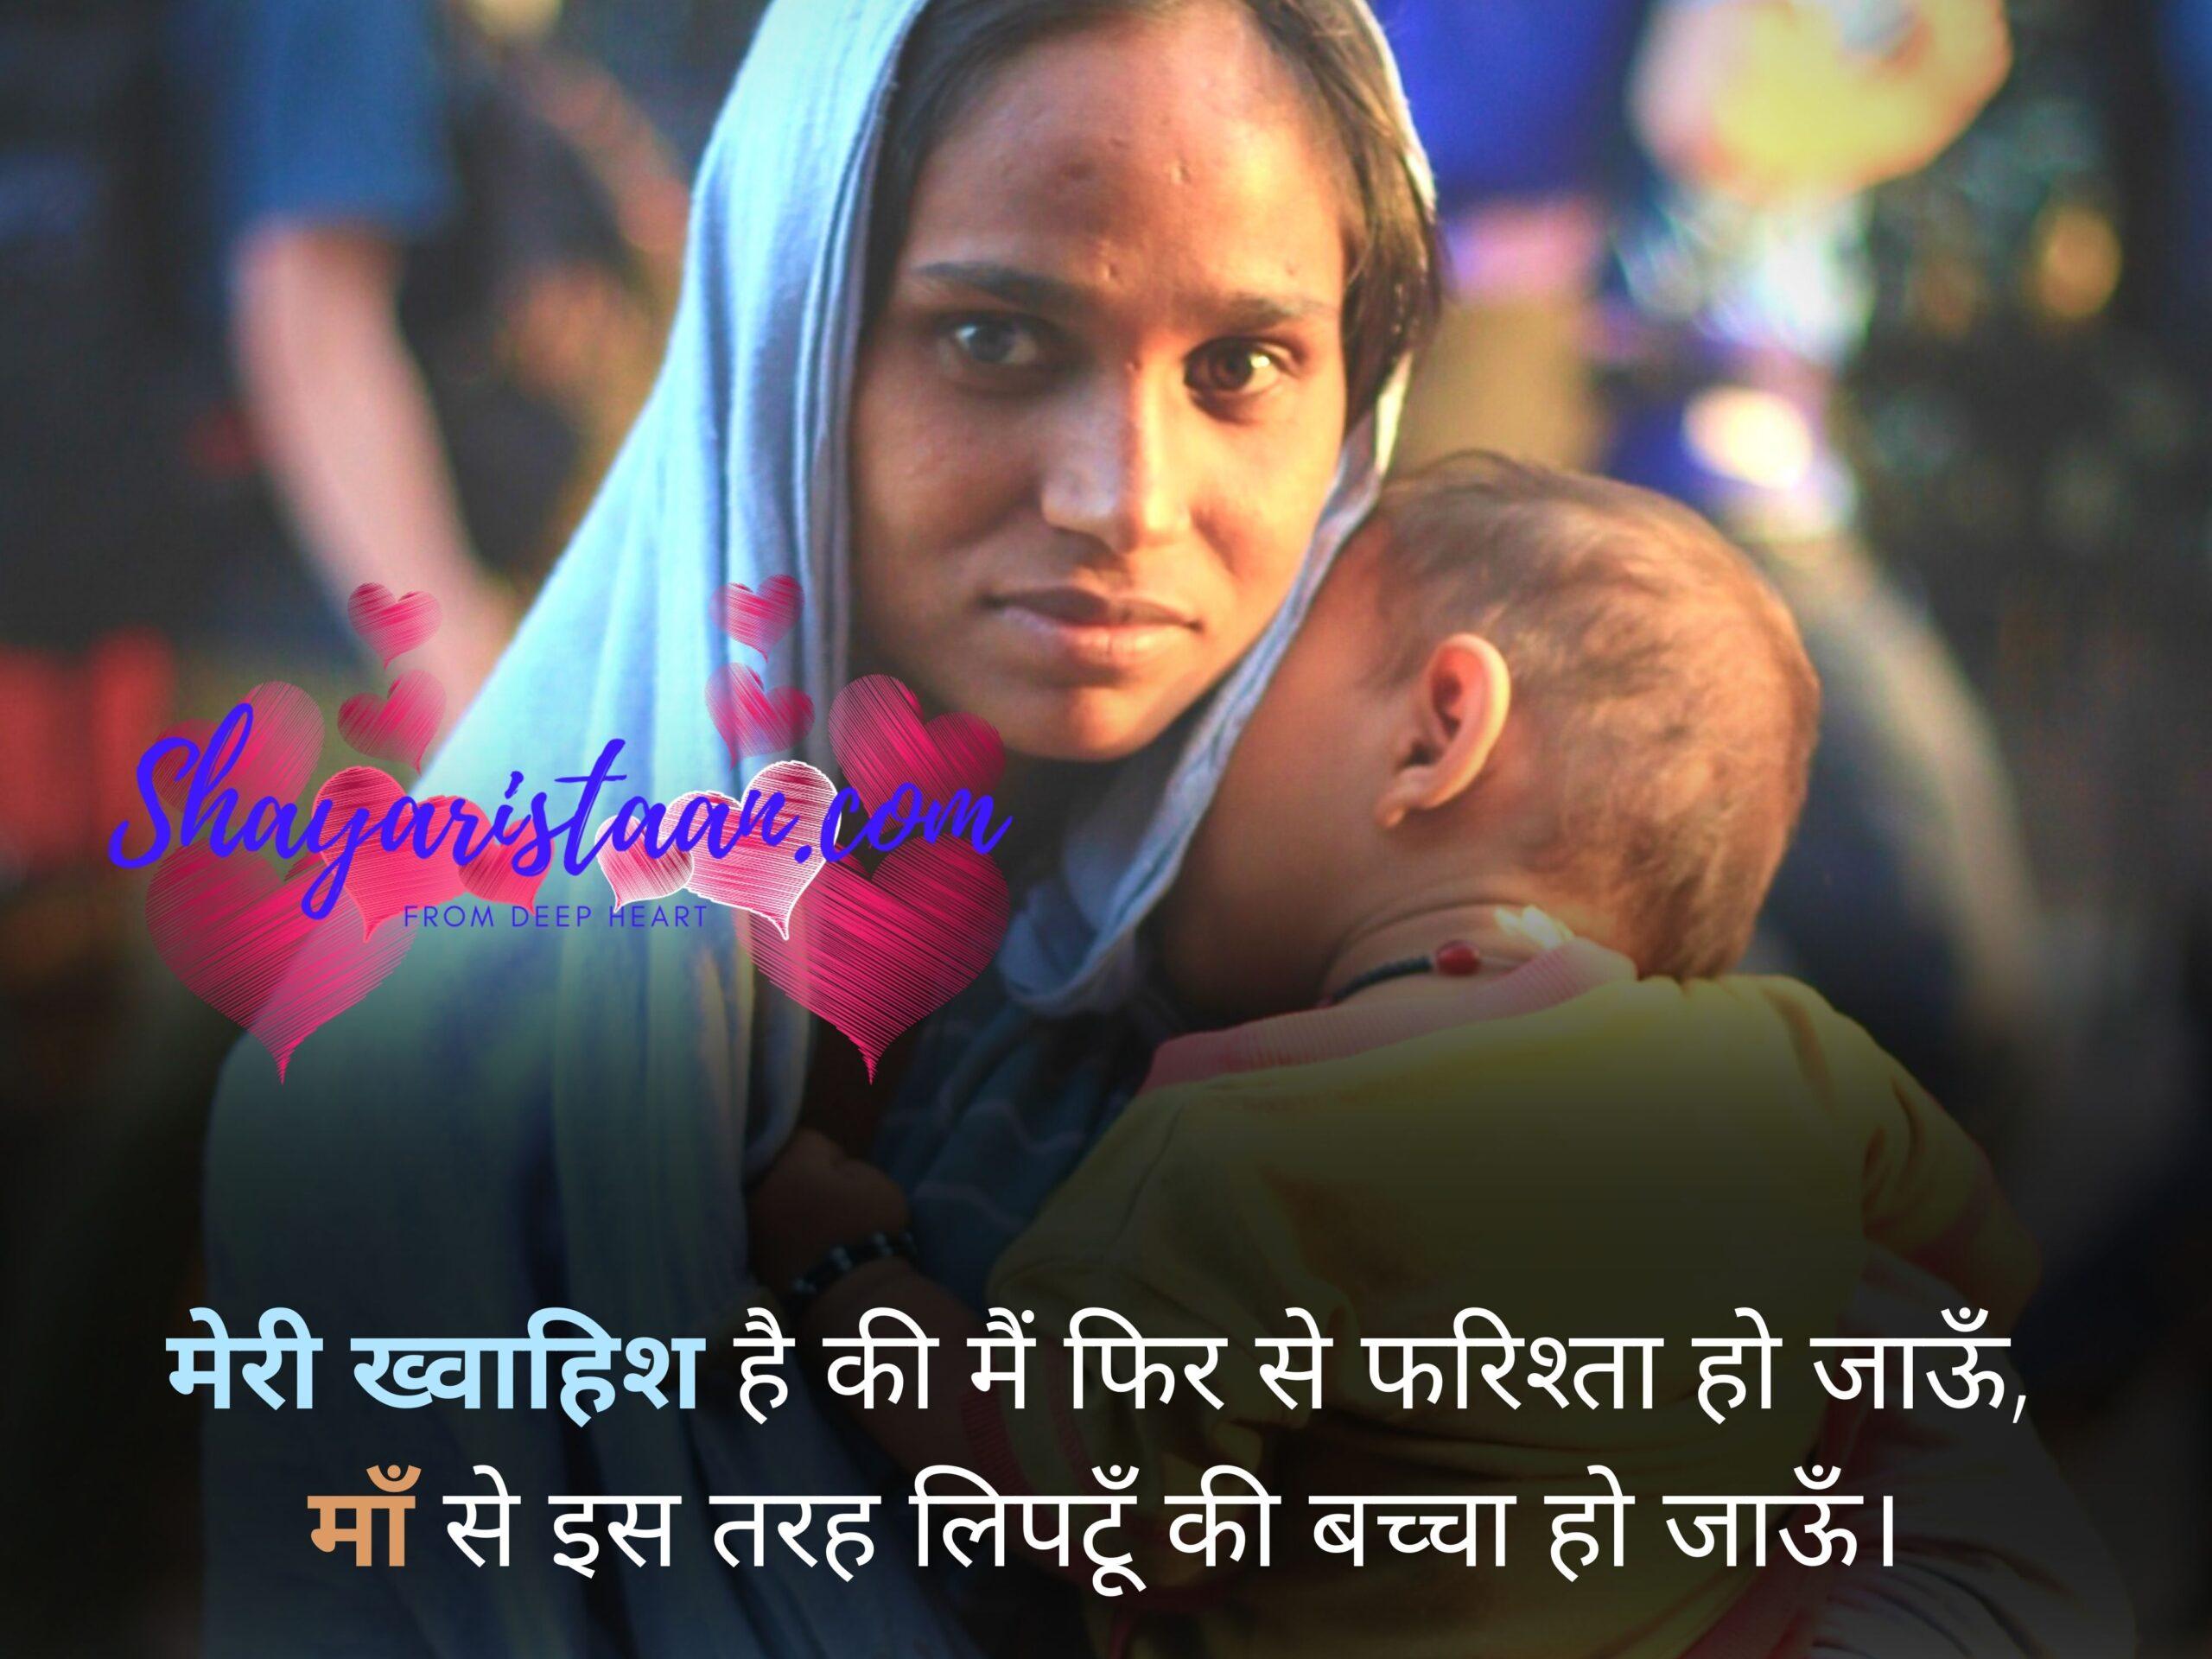 maa quotes hindi   मेरी ख्वाहिश है की मैं फिर से फरिश्ता हो जाऊँ, माँ से इस तरह लिपटूँ की बच्चा हो जाऊँ।